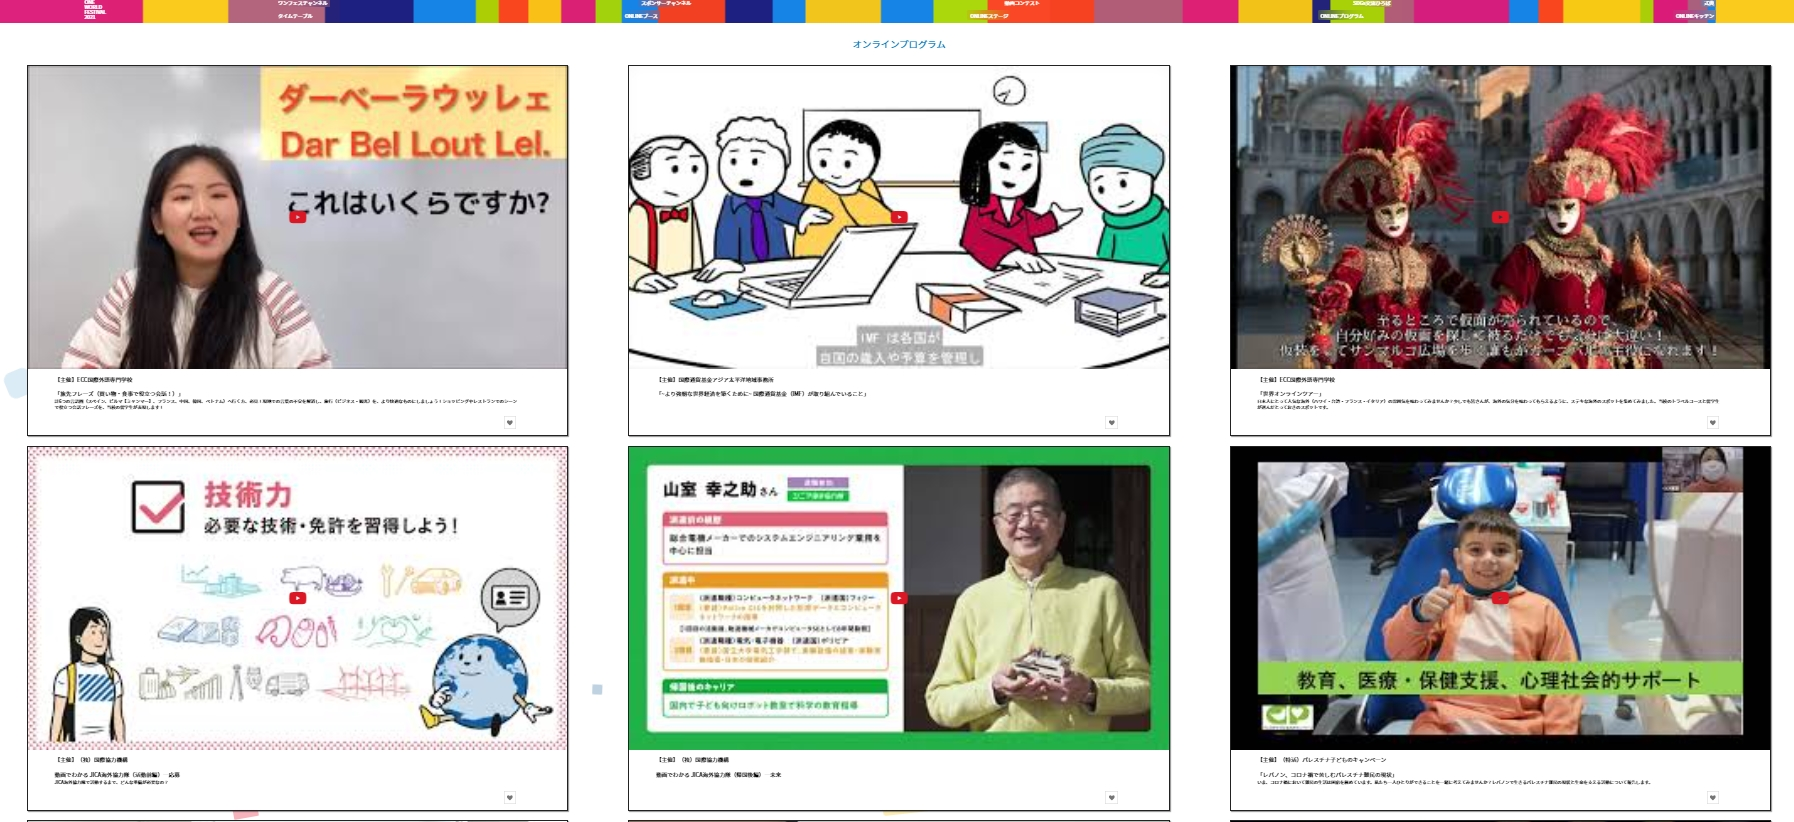 第29回ワンフェス オンラインセミナー(セミナー動画出展) プログラム→セミナーになりました。